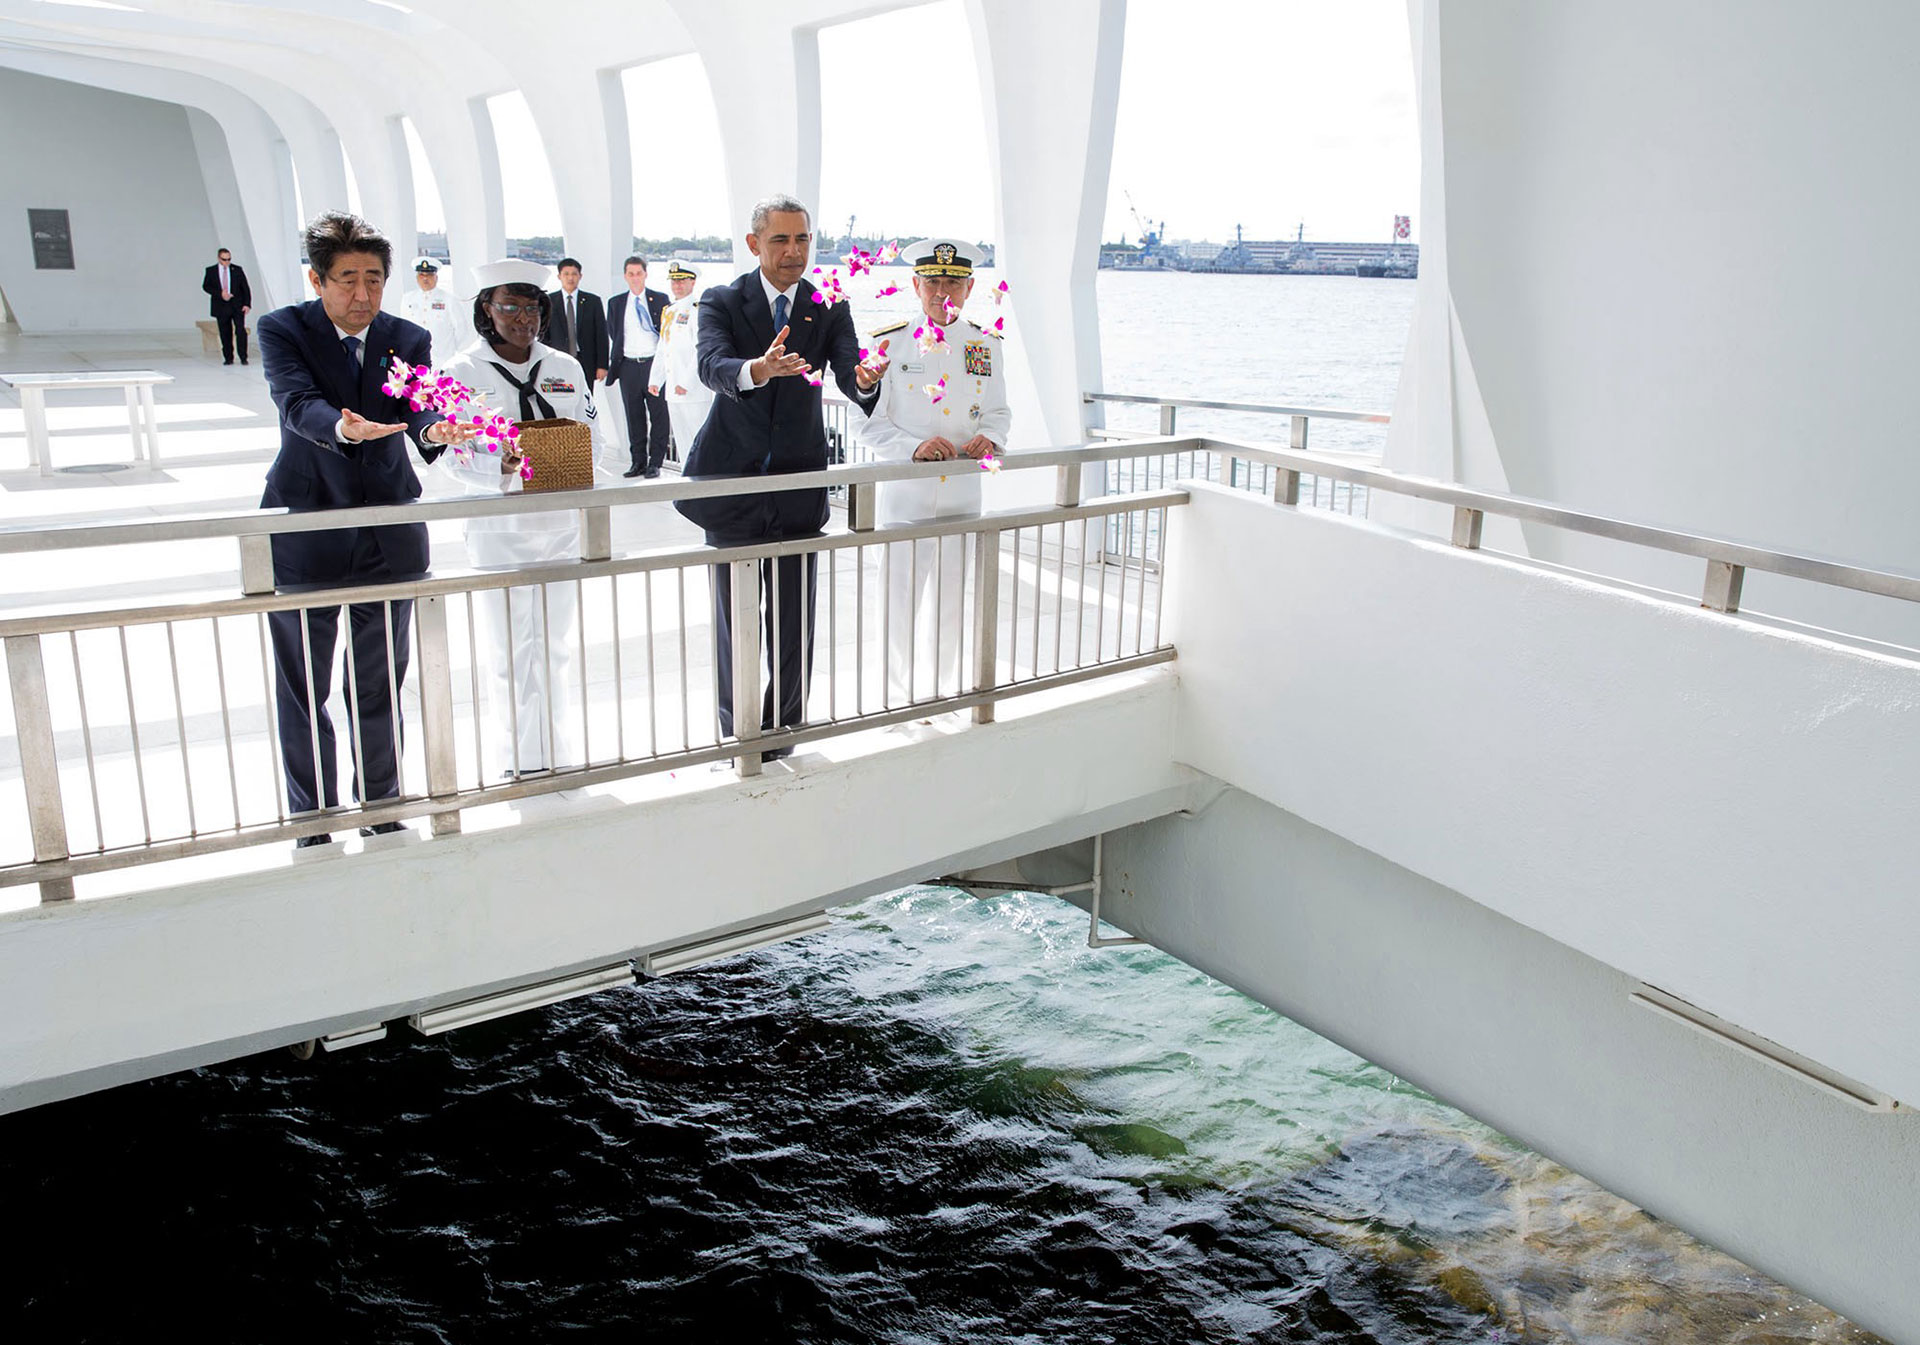 Junto al primer ministro japonés, Shinzo Abe, en un homenaje a las víctimas del ataque a Pearl Harbor